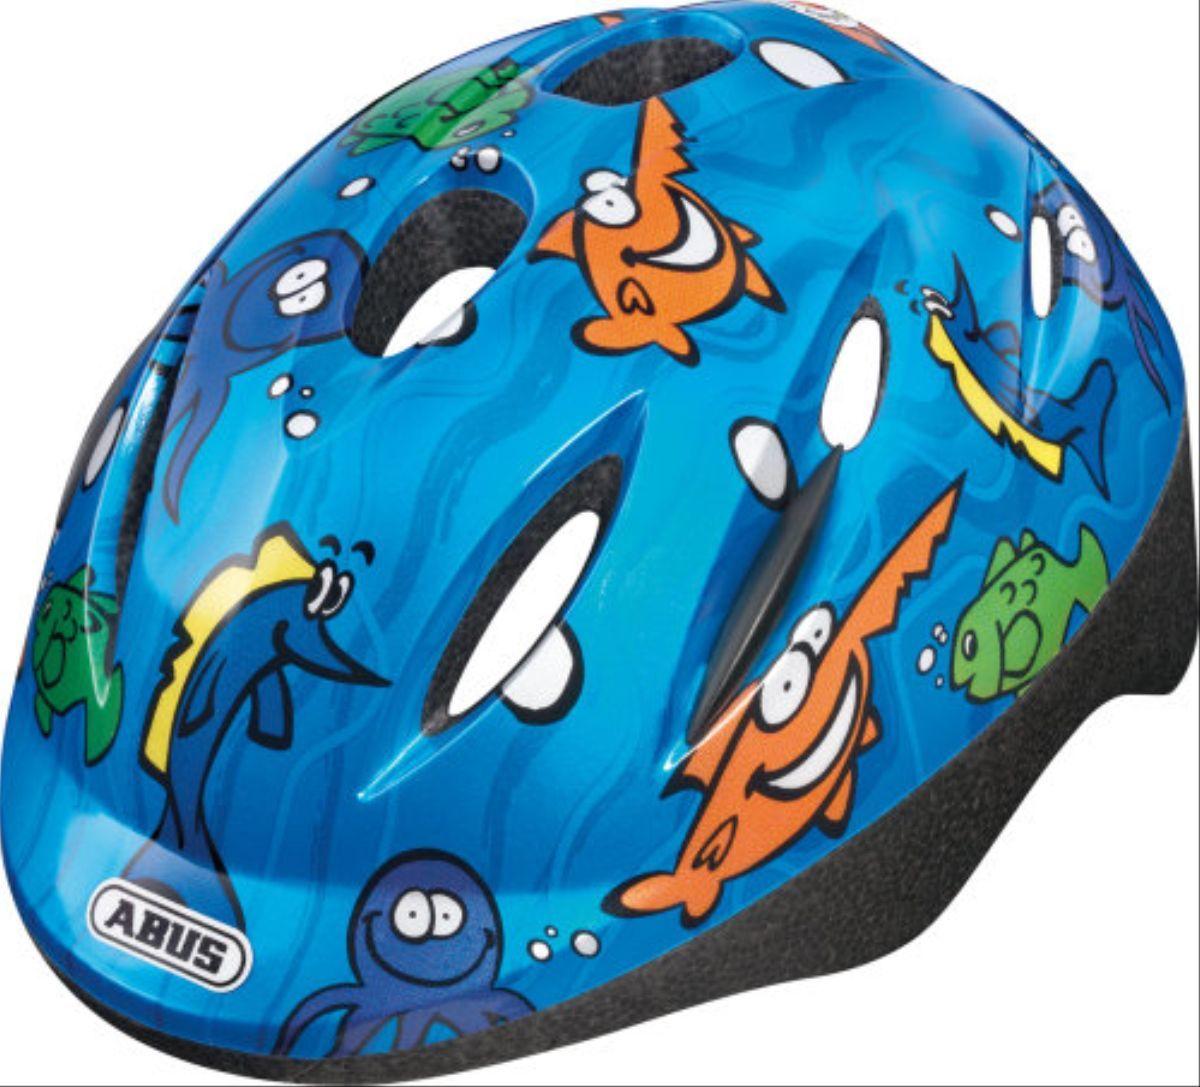 Качественный шлем для детей от немецкого производителя ABUS SMOOTY. Отличается низким весом, хорошей вентиляцией и ярким дизайном при это обладая высокой прочностью для защиты ребенка от травм.